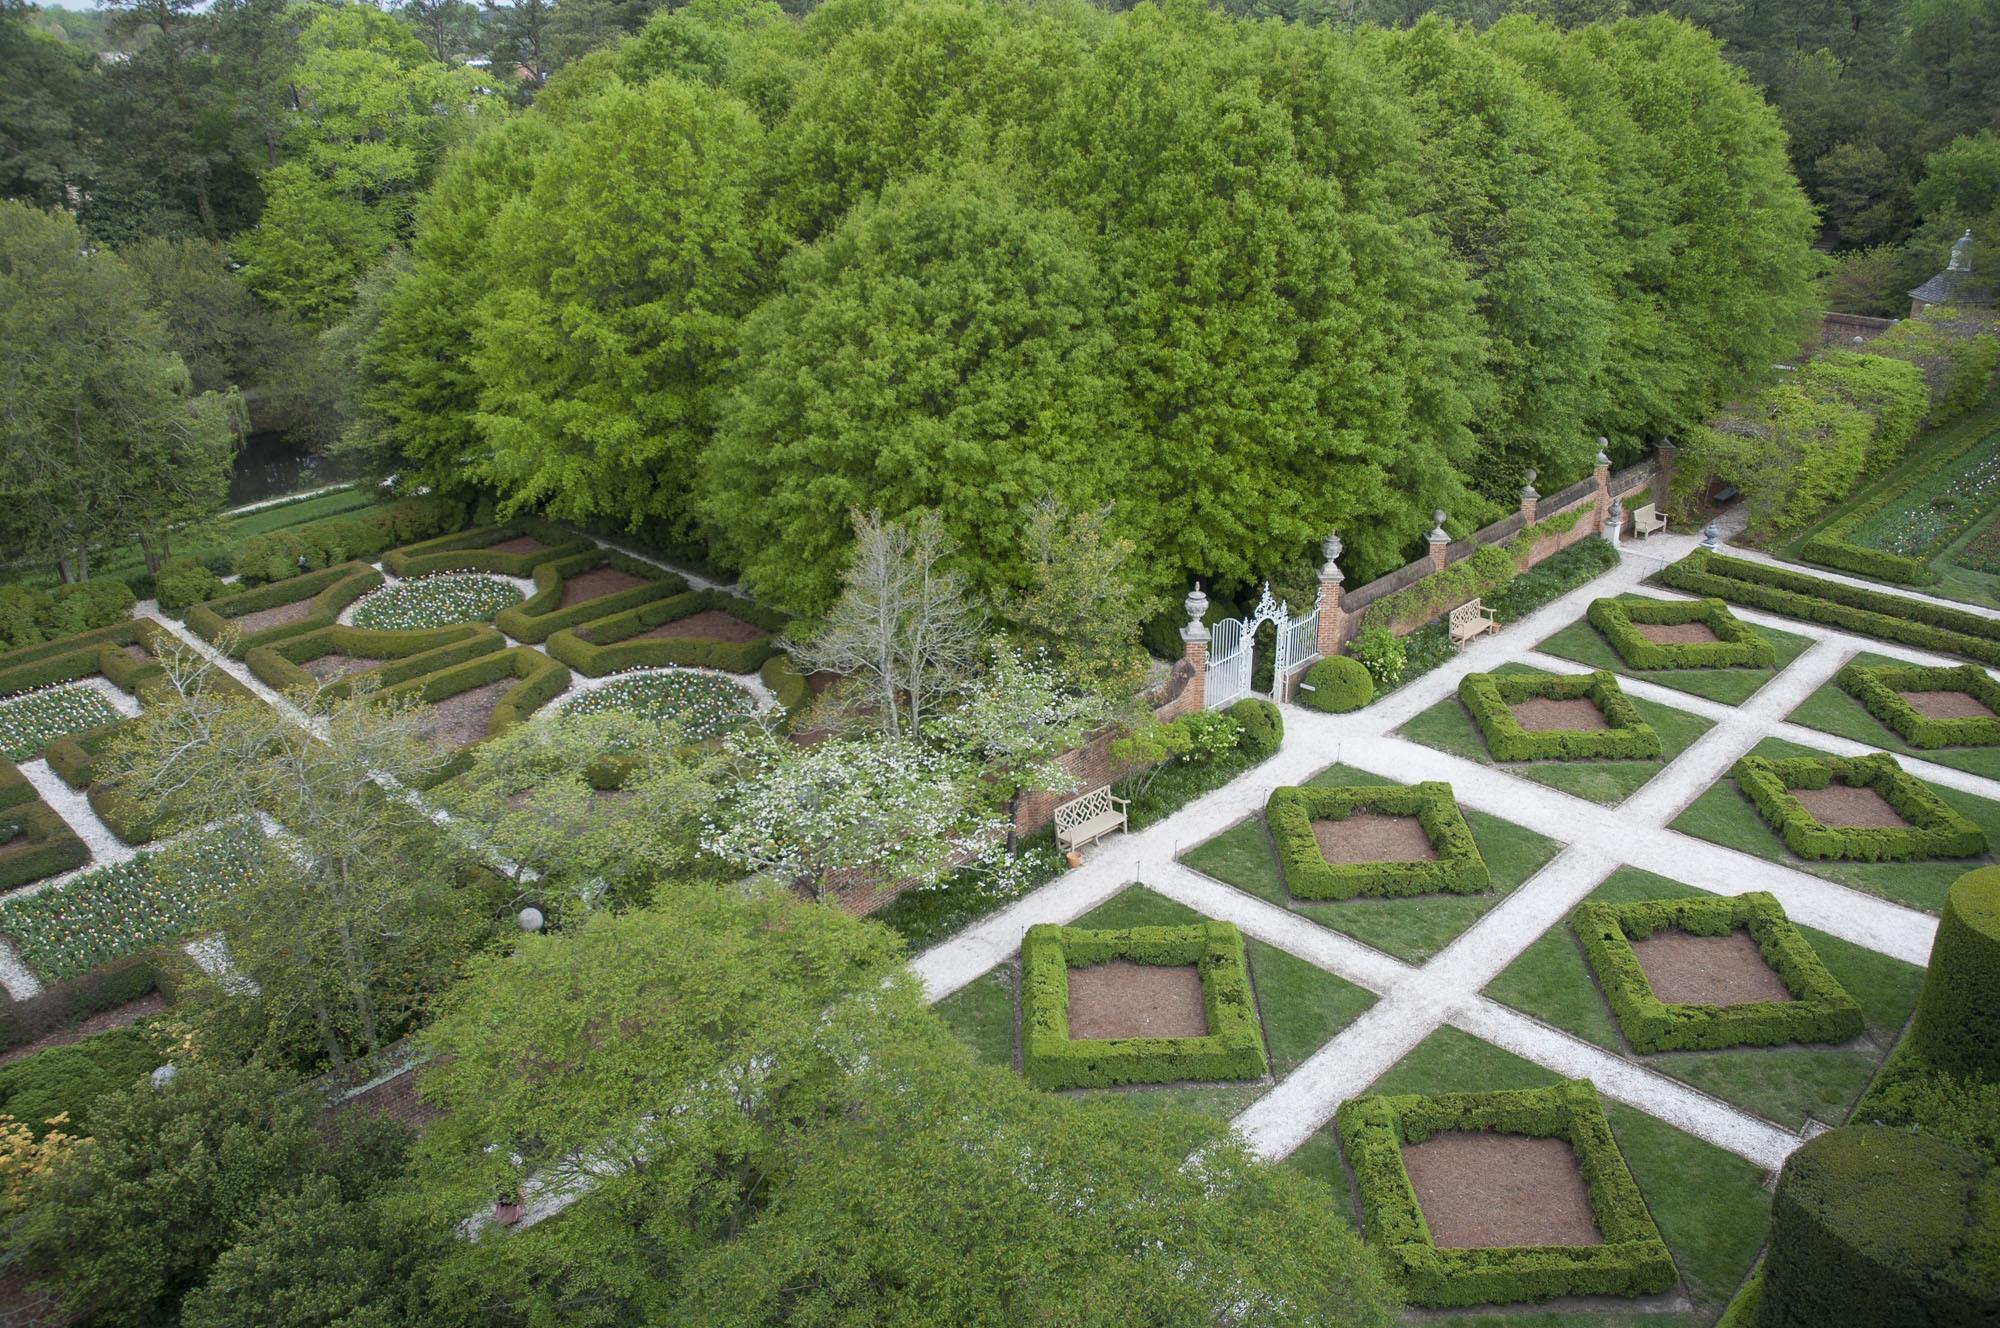 Viginia-gardens-135.jpg